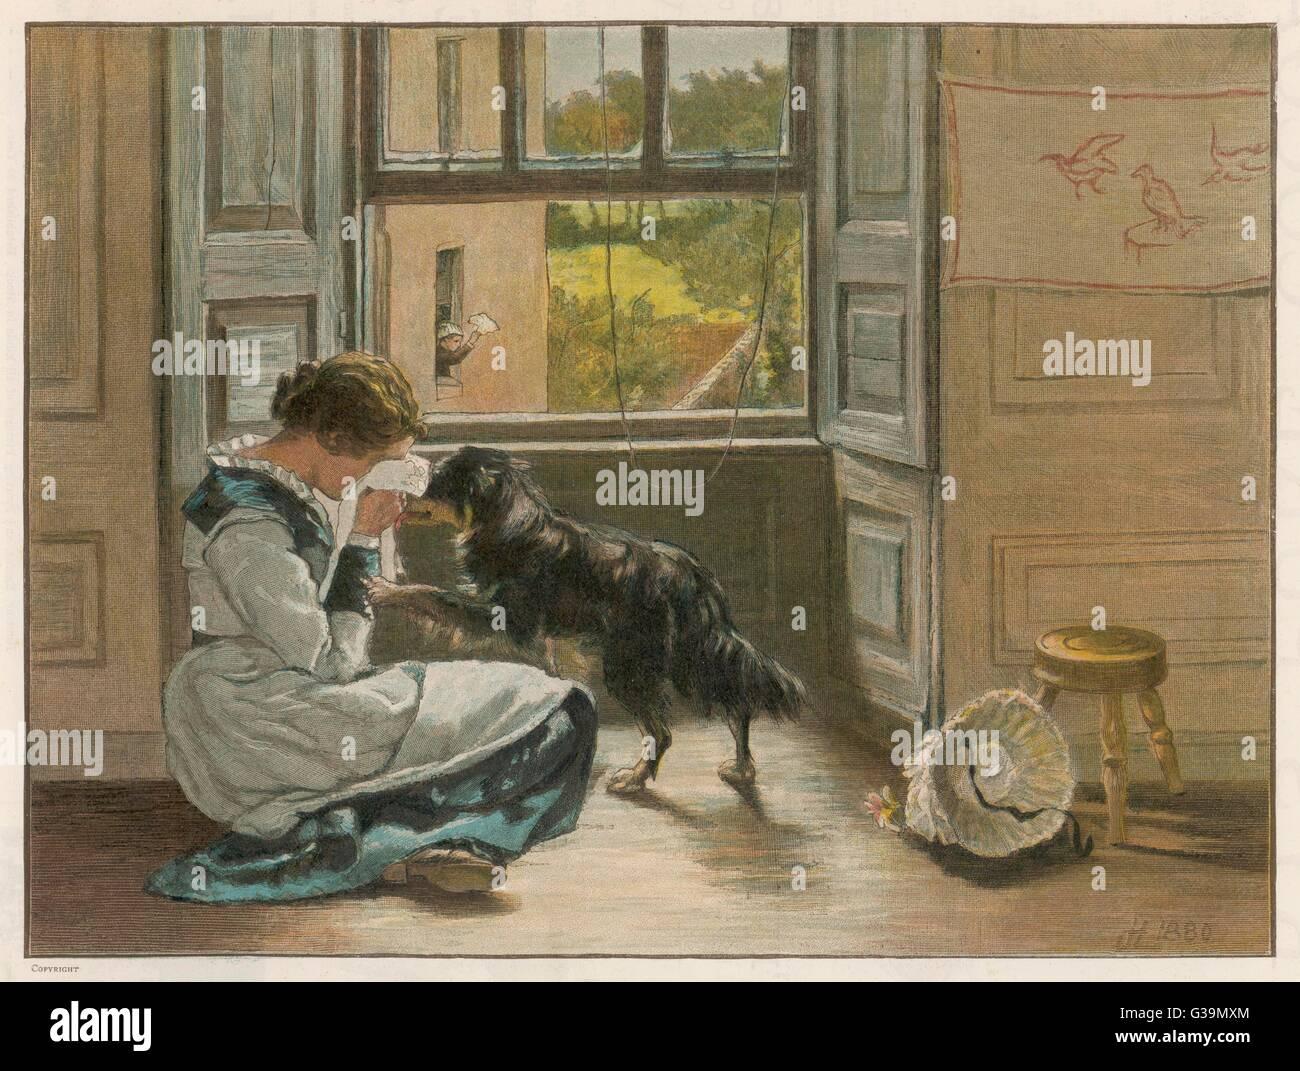 Une jeune fille en pleurs attire la sympathie de son chien Date: 1886 Photo Stock